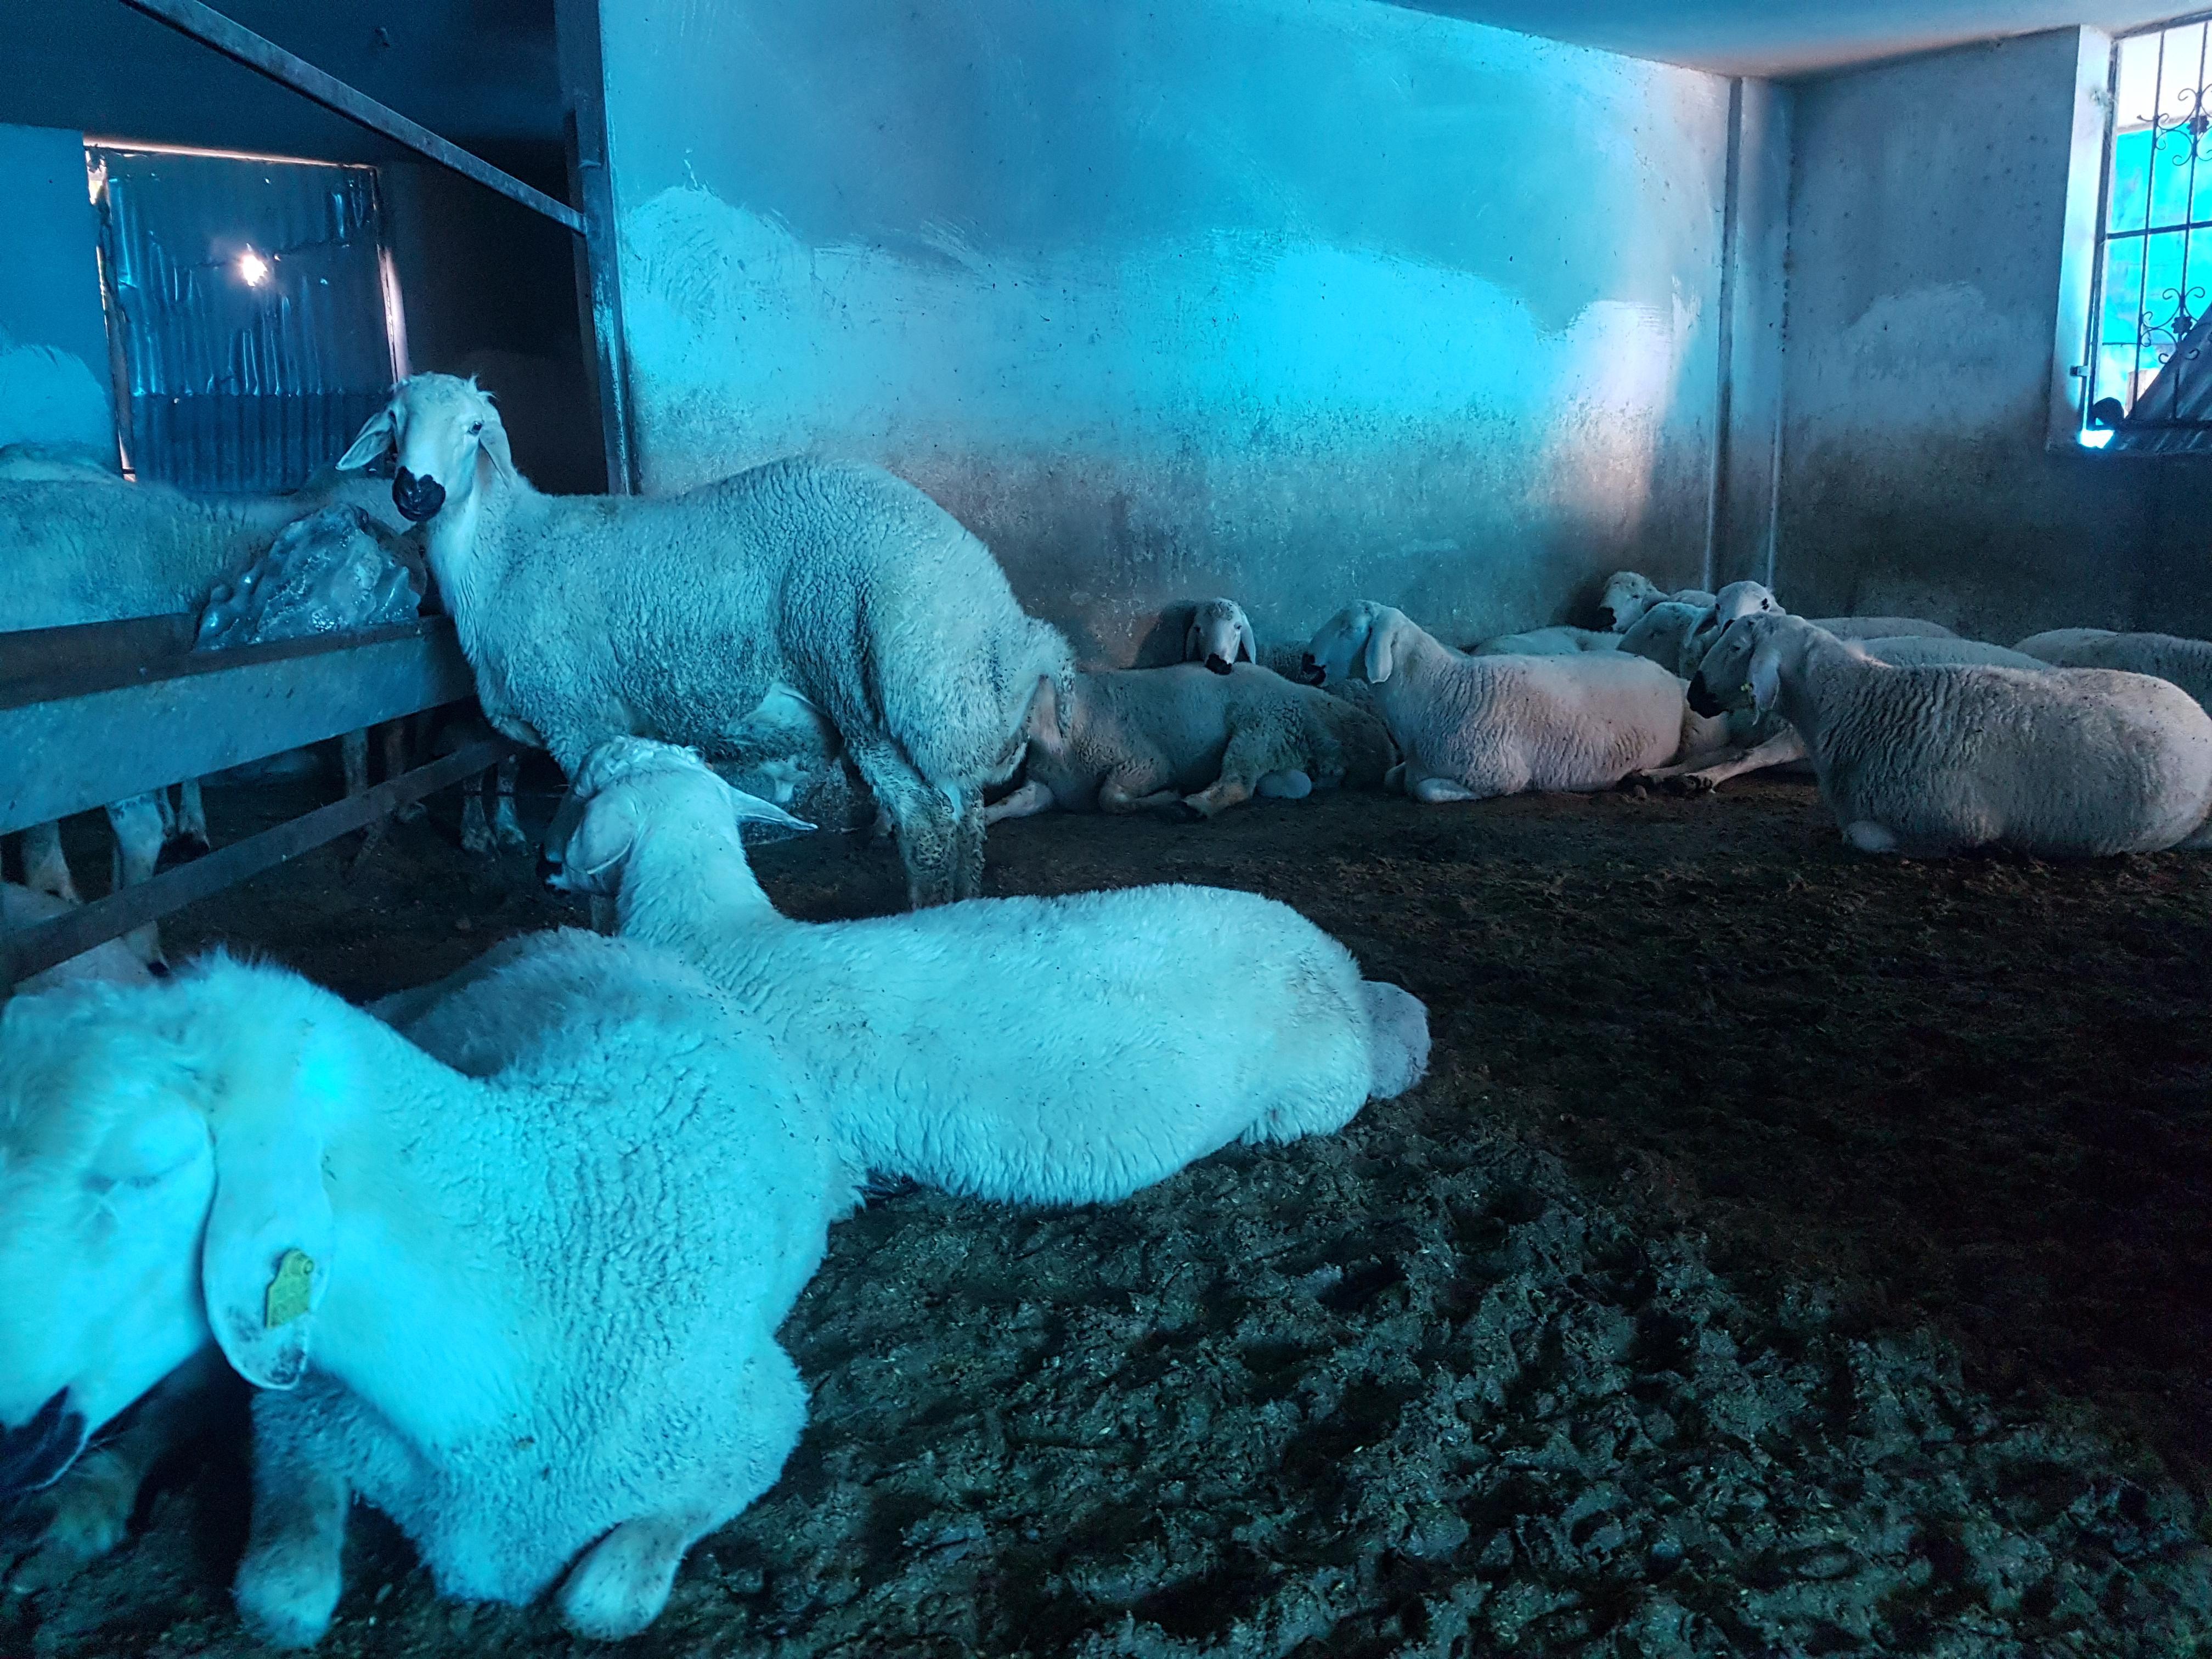 Koyun - Üretici Hüseyin Yildiz 10000 tl fiyat ile 69 adet koyun  satmak istiyor